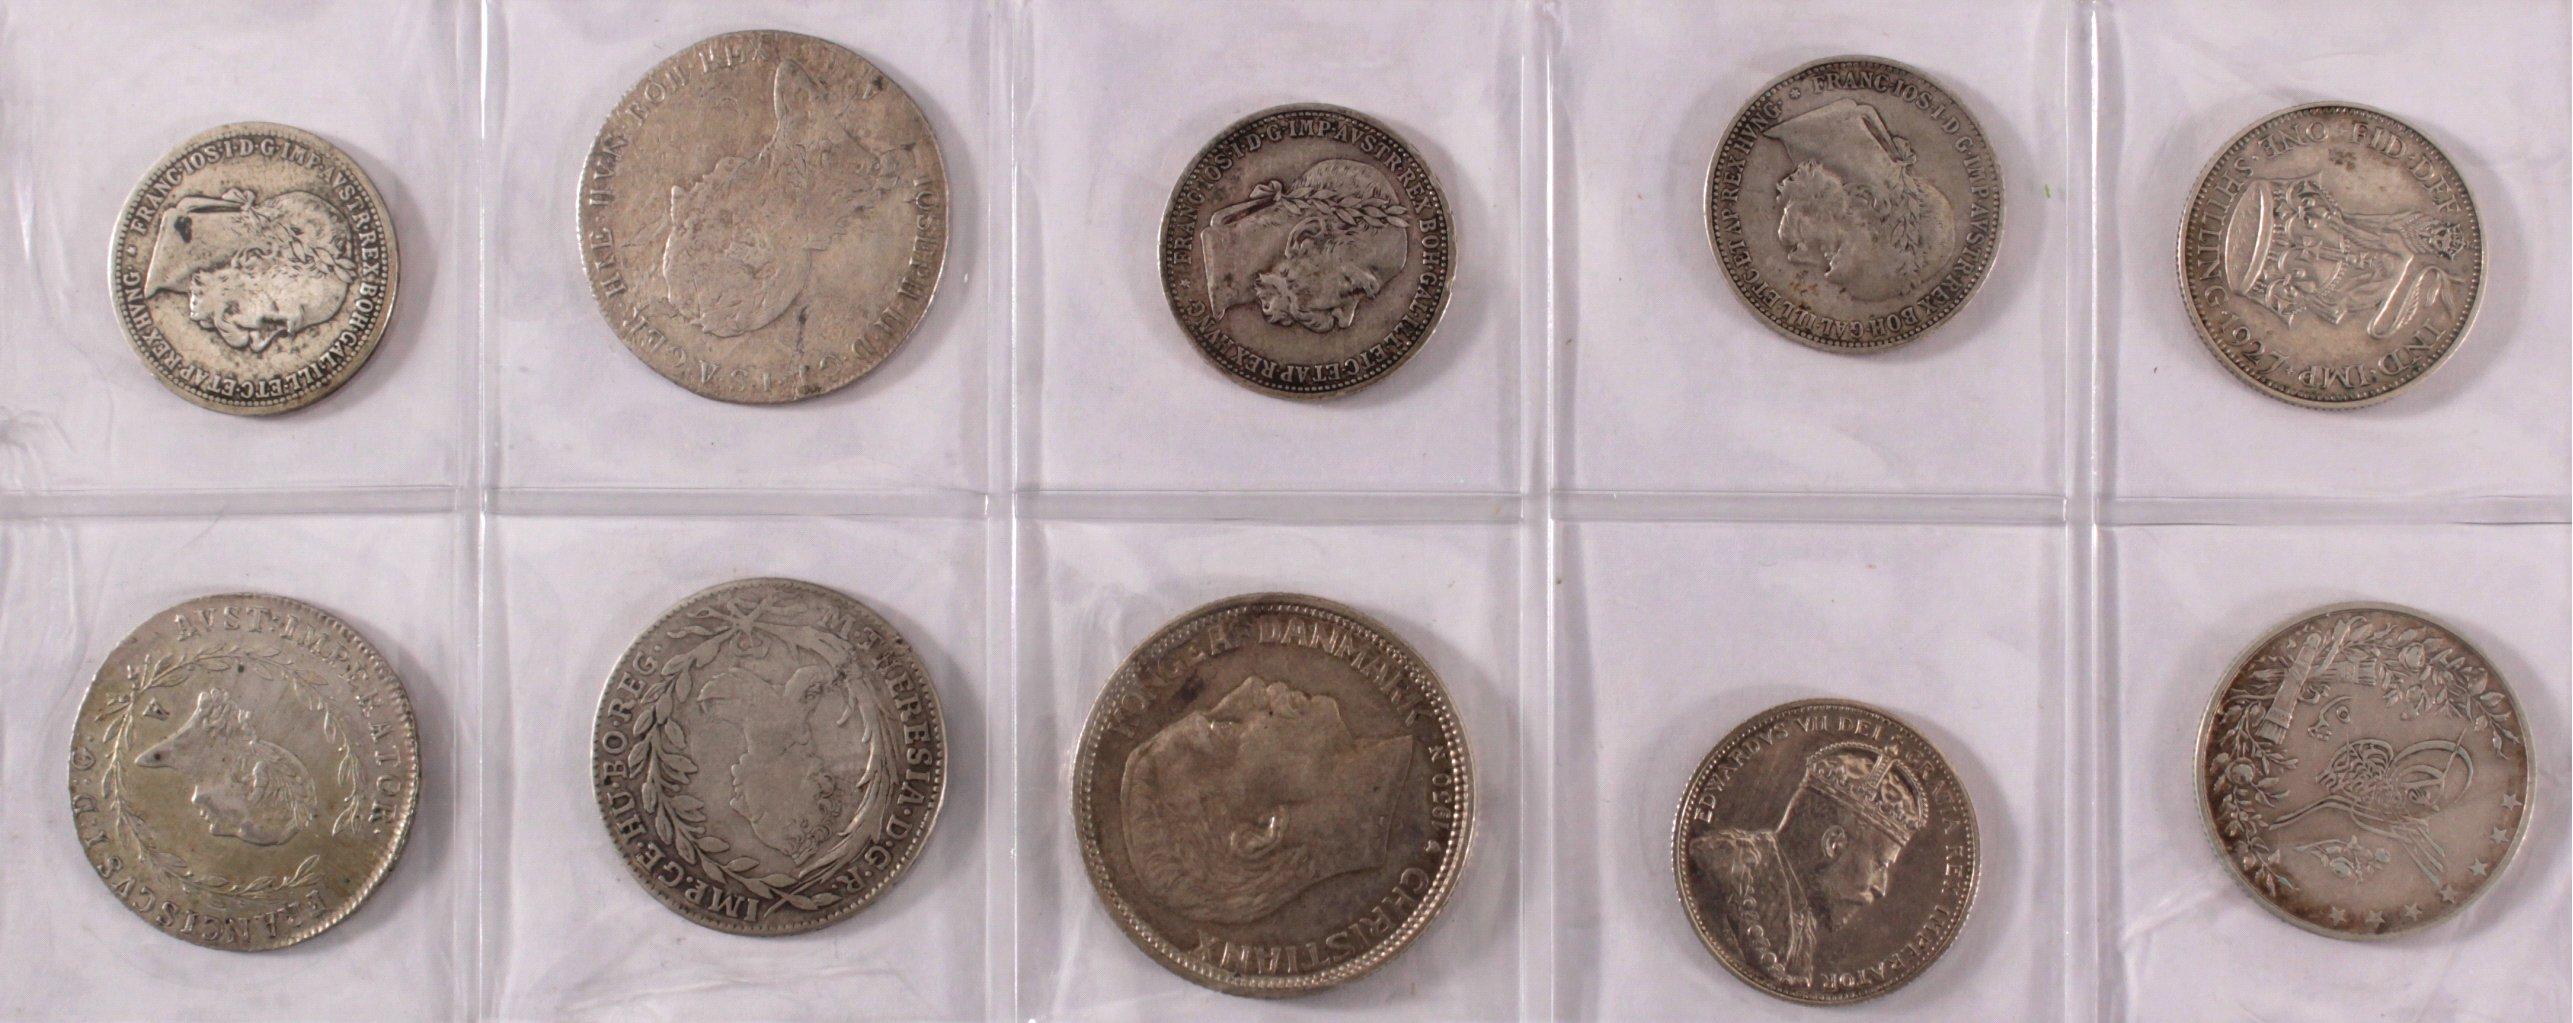 Antike Münzen Österreich, Australien und Ägypten